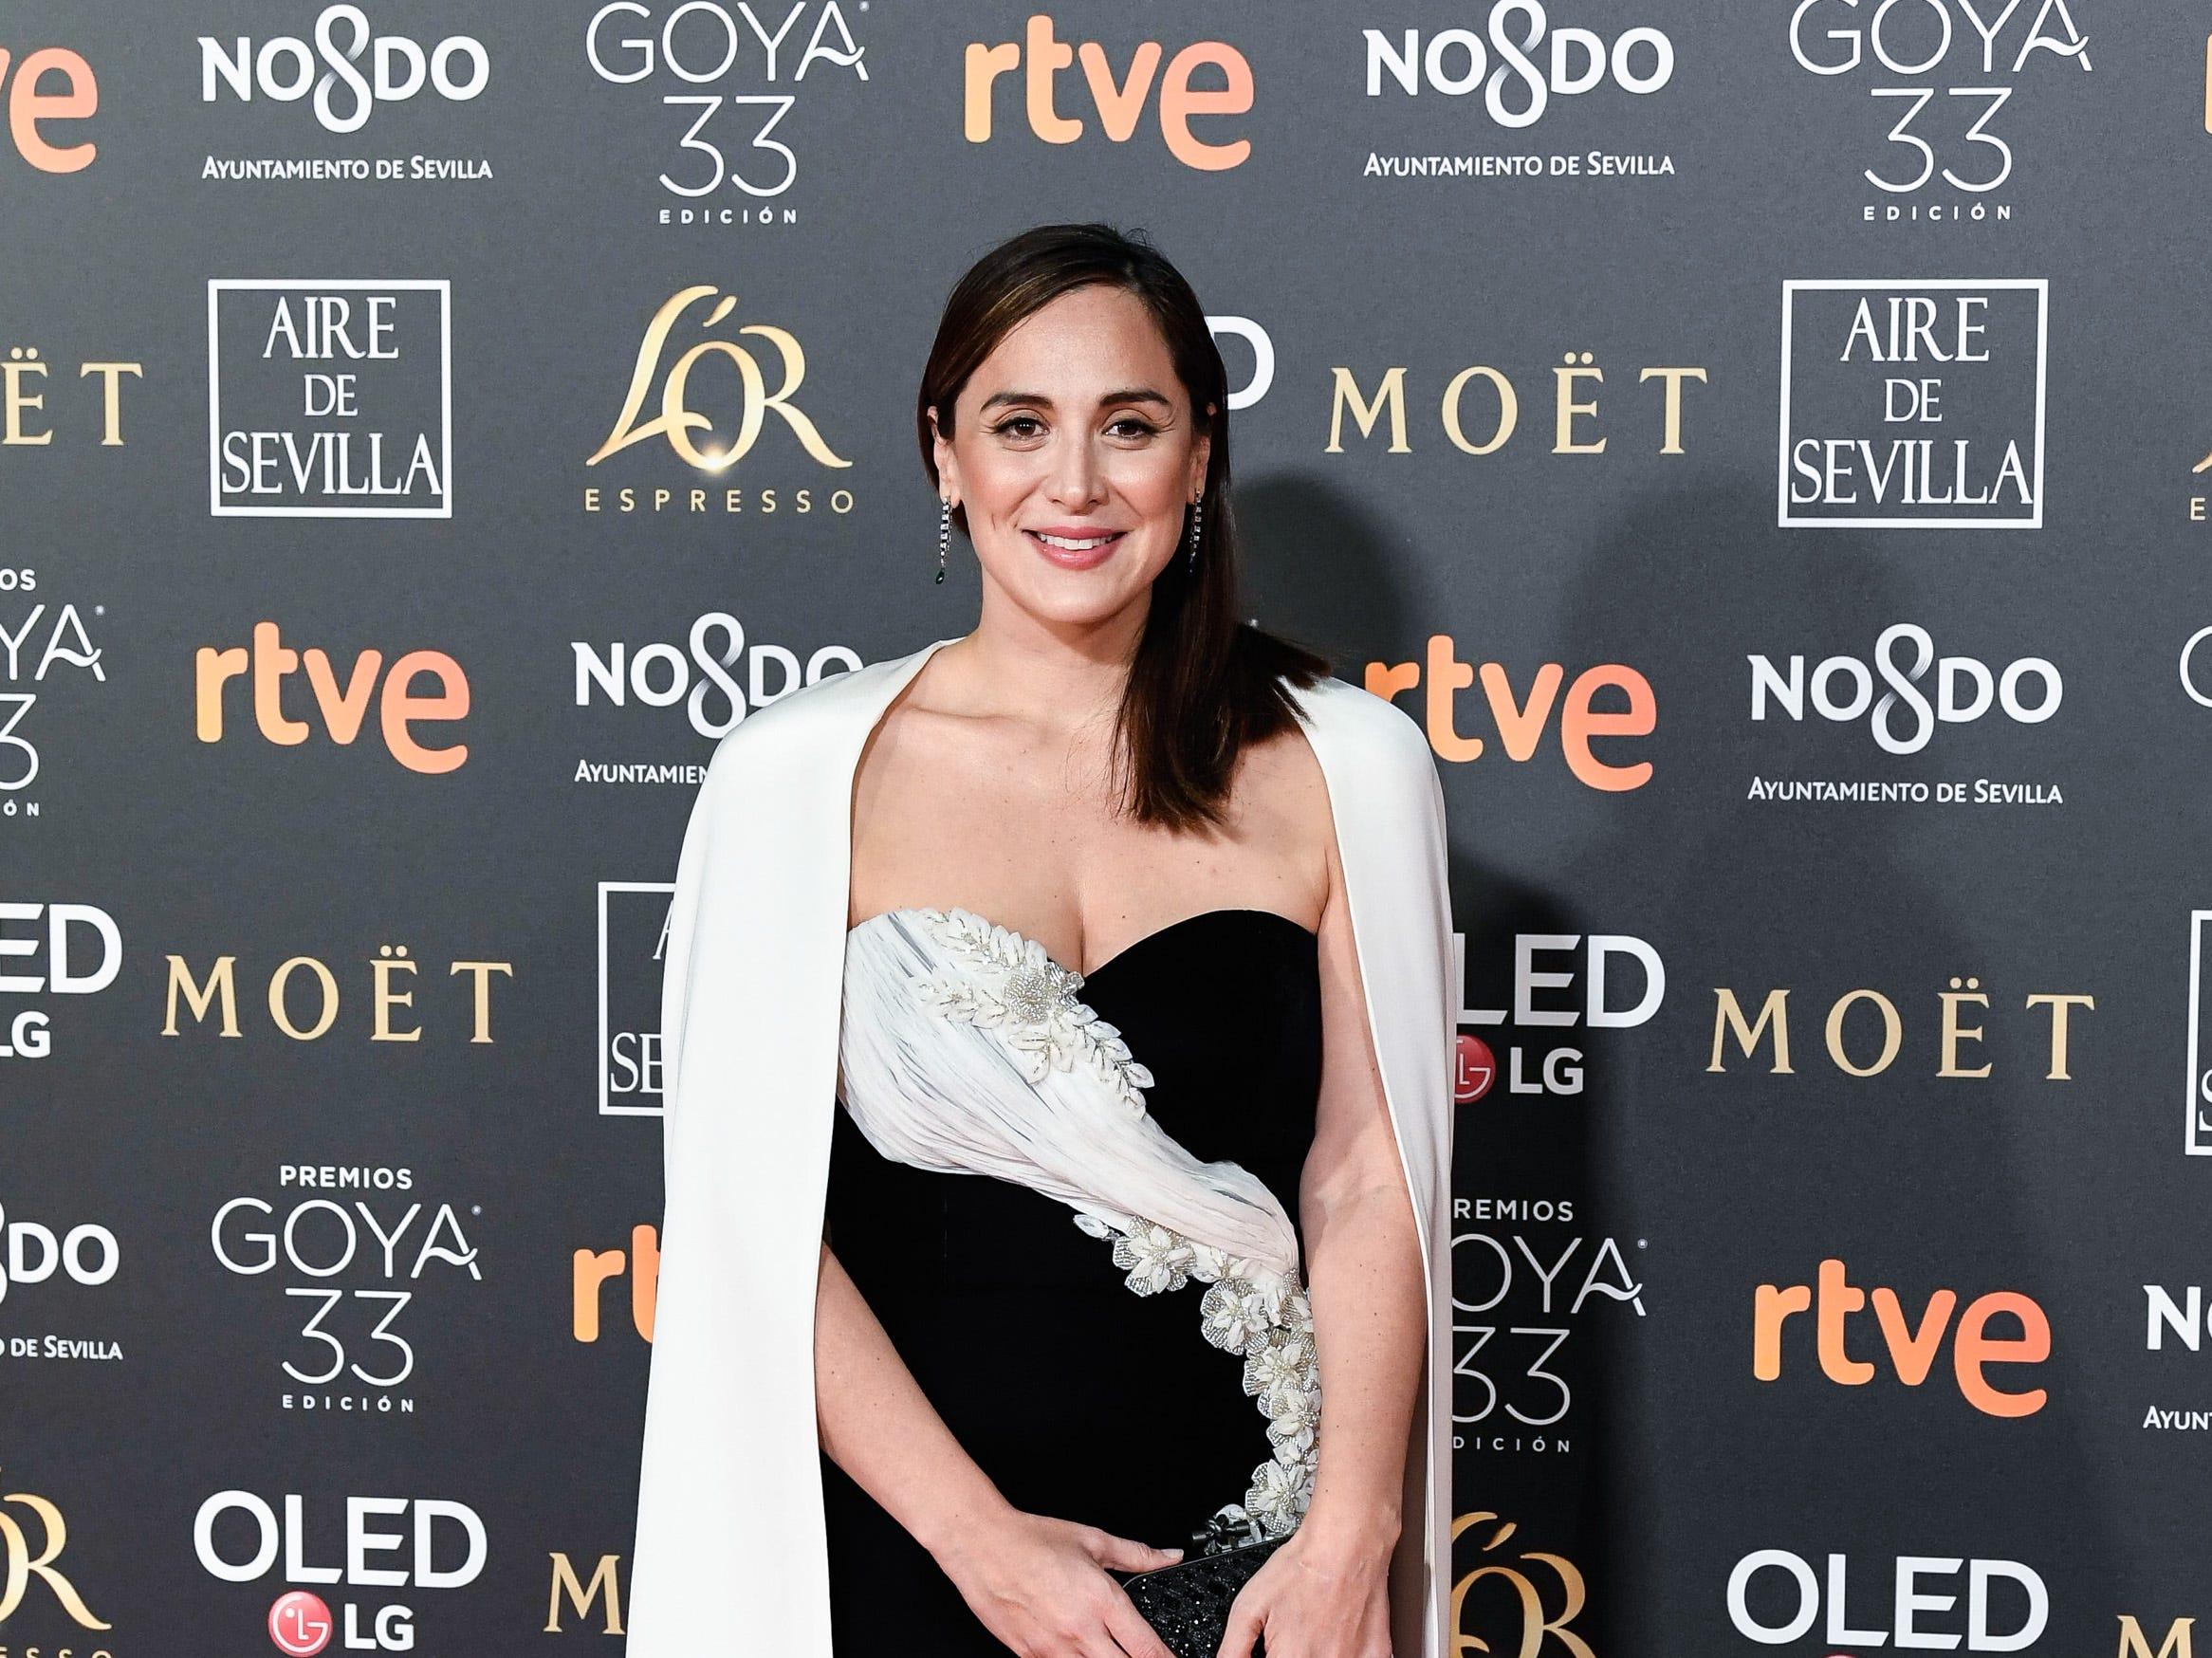 Tamara Falco asiste a la 33ª edición de los Premios de Cine Goya en el Palacio de Congresos y Exposiciones FIBES el 2 de febrero de 2019 en Sevilla, España.